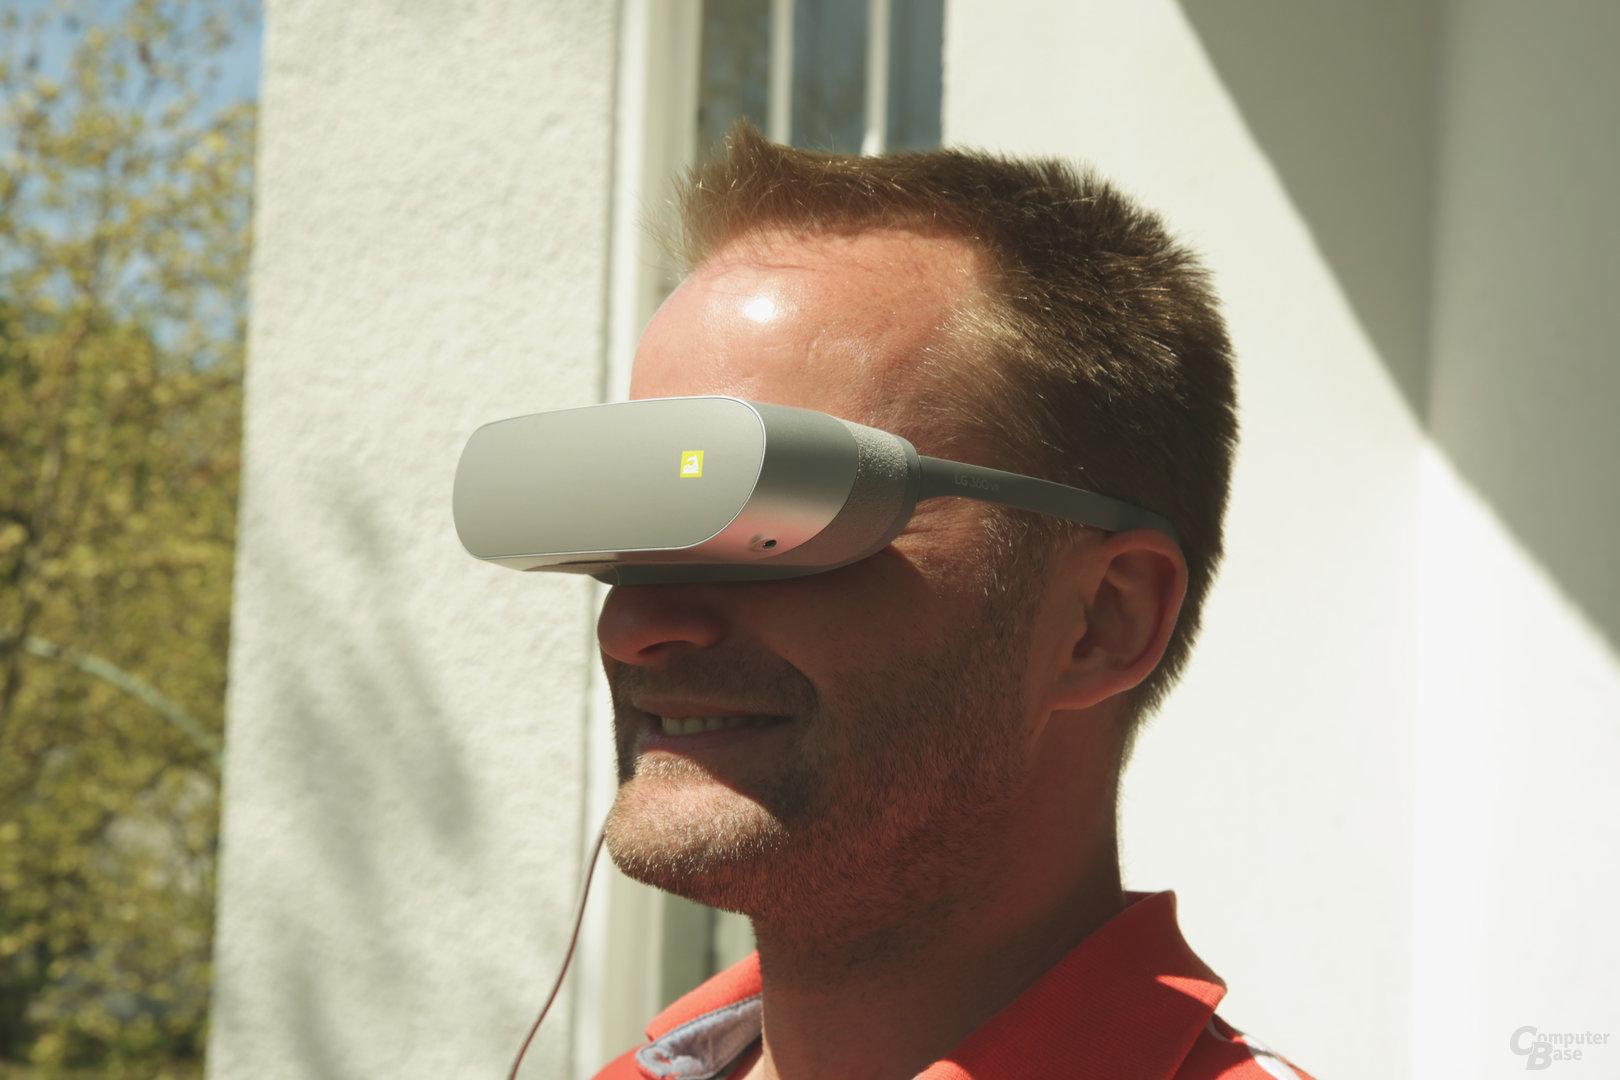 Spaß will mit der 360 VR nicht aufkommen